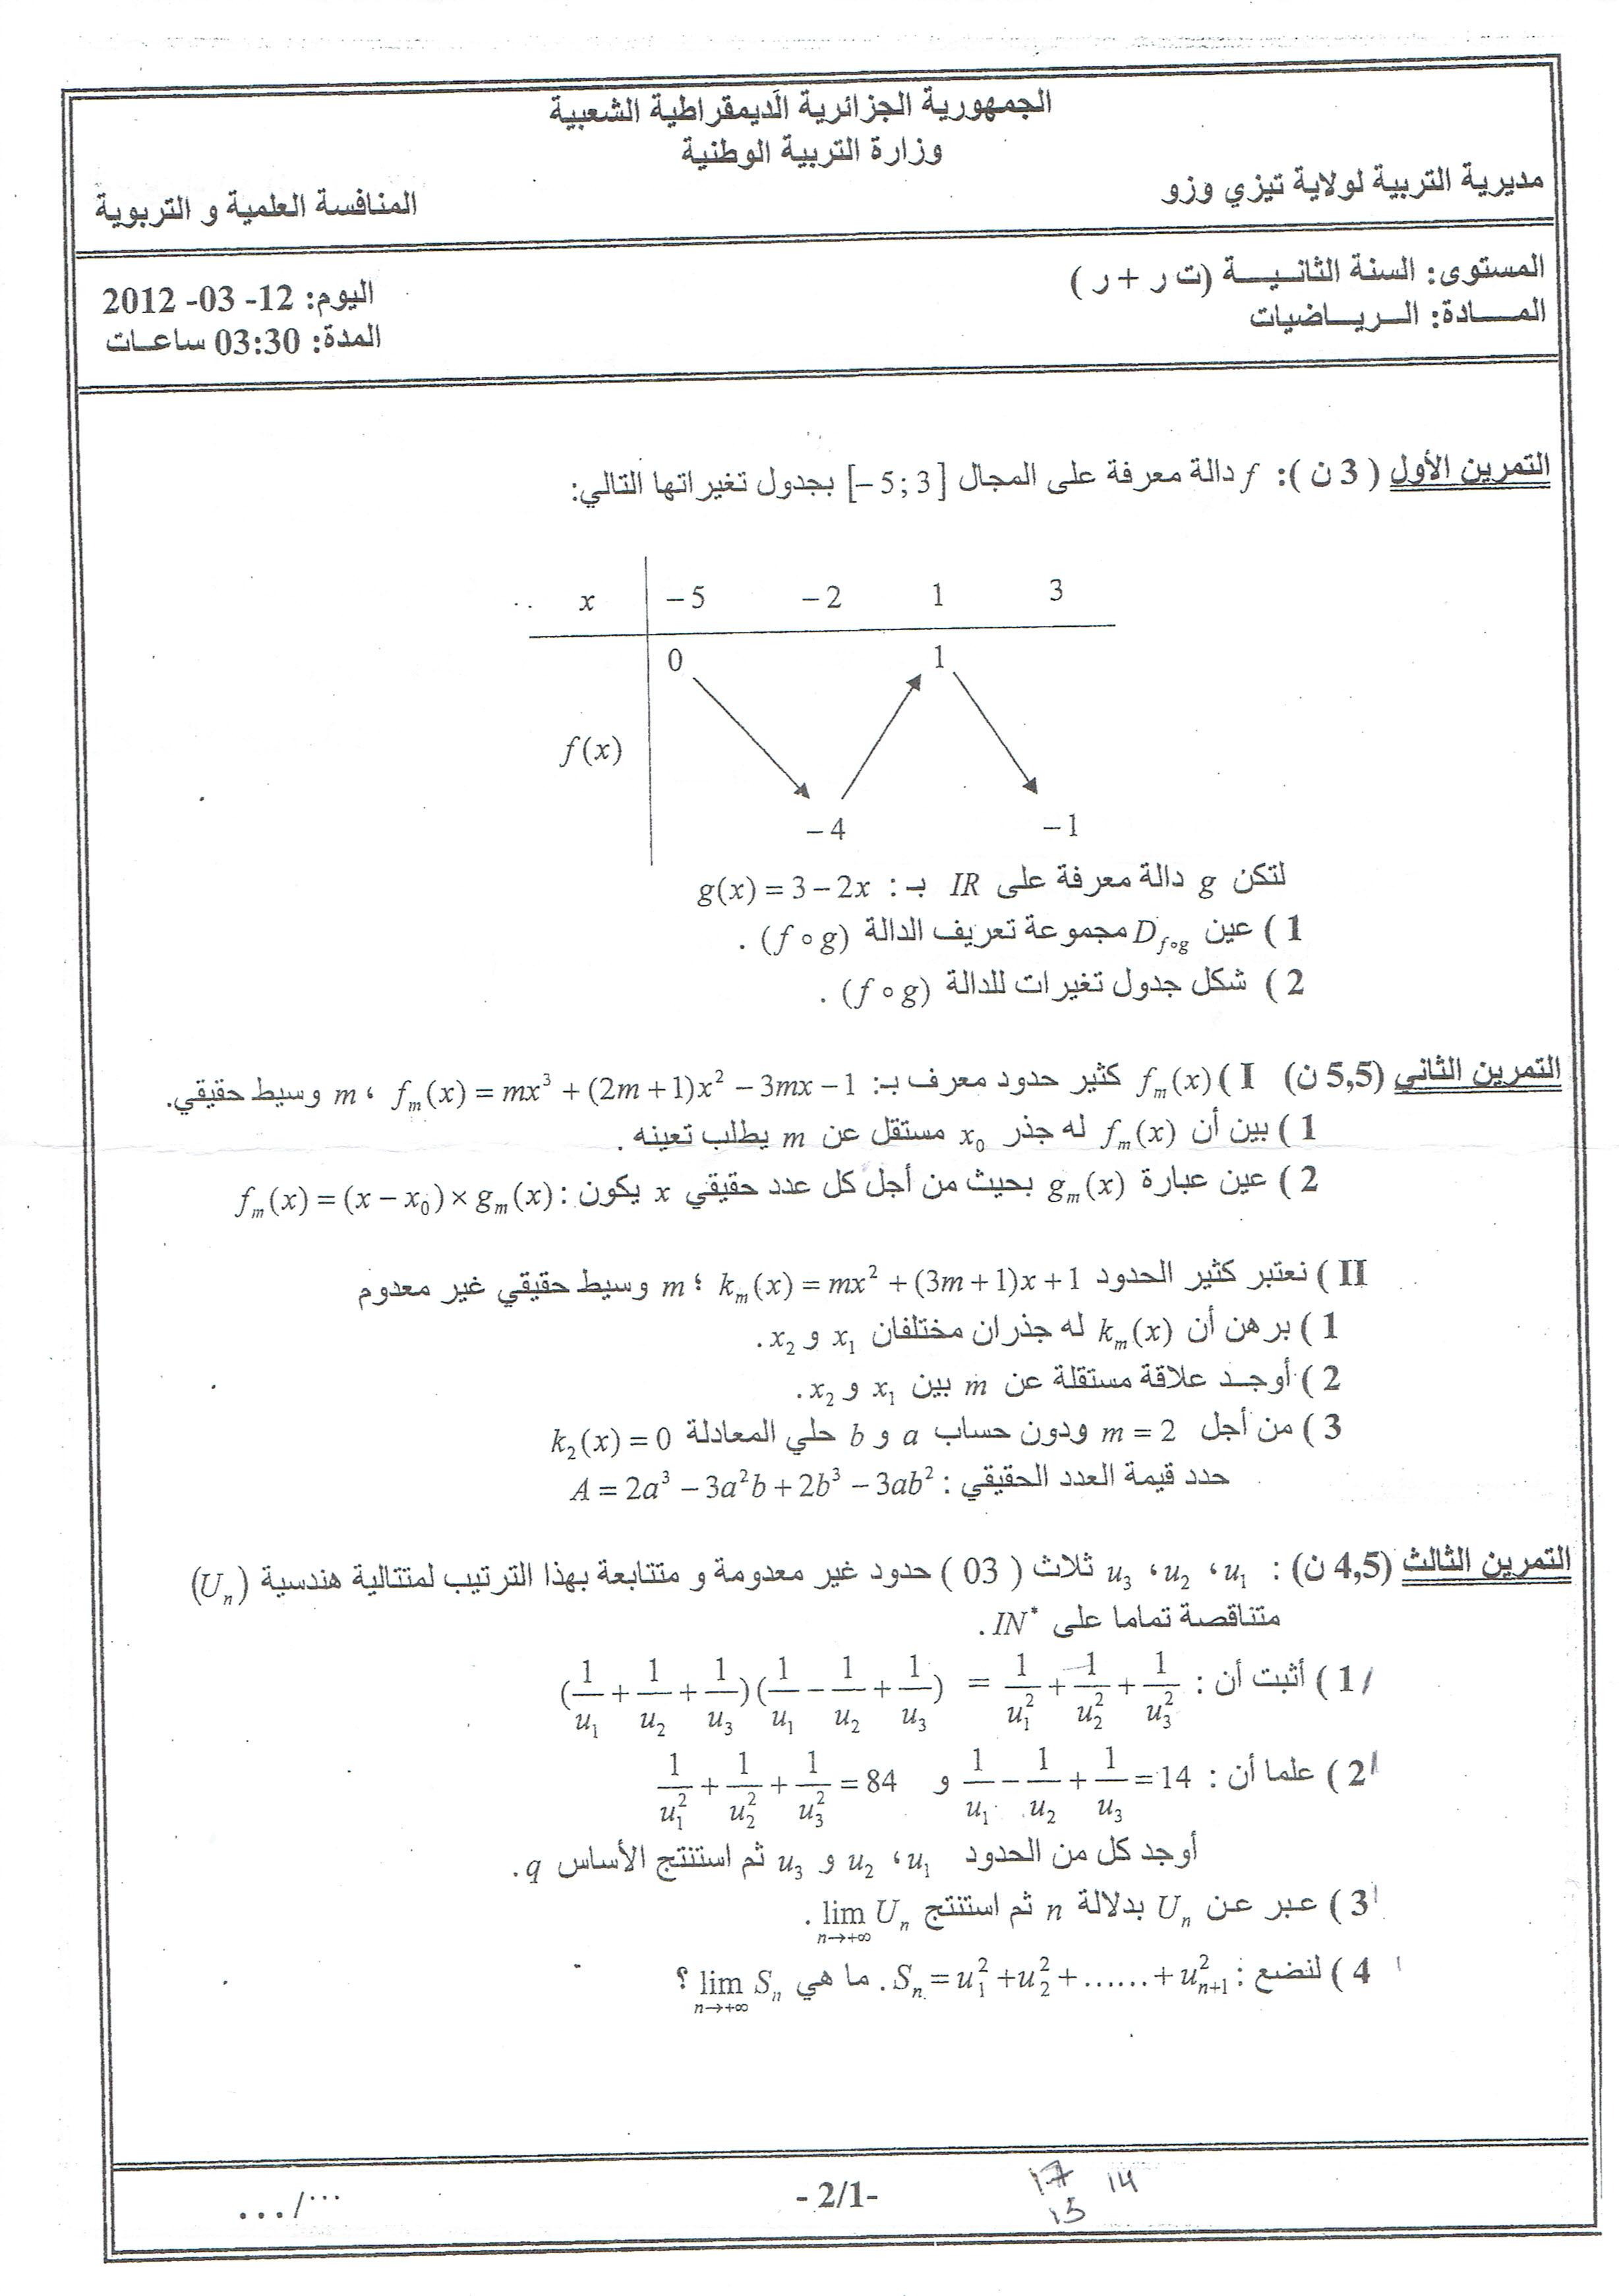 olympiades 2012 2m et 2tm - Resume De Science 3as Algerie